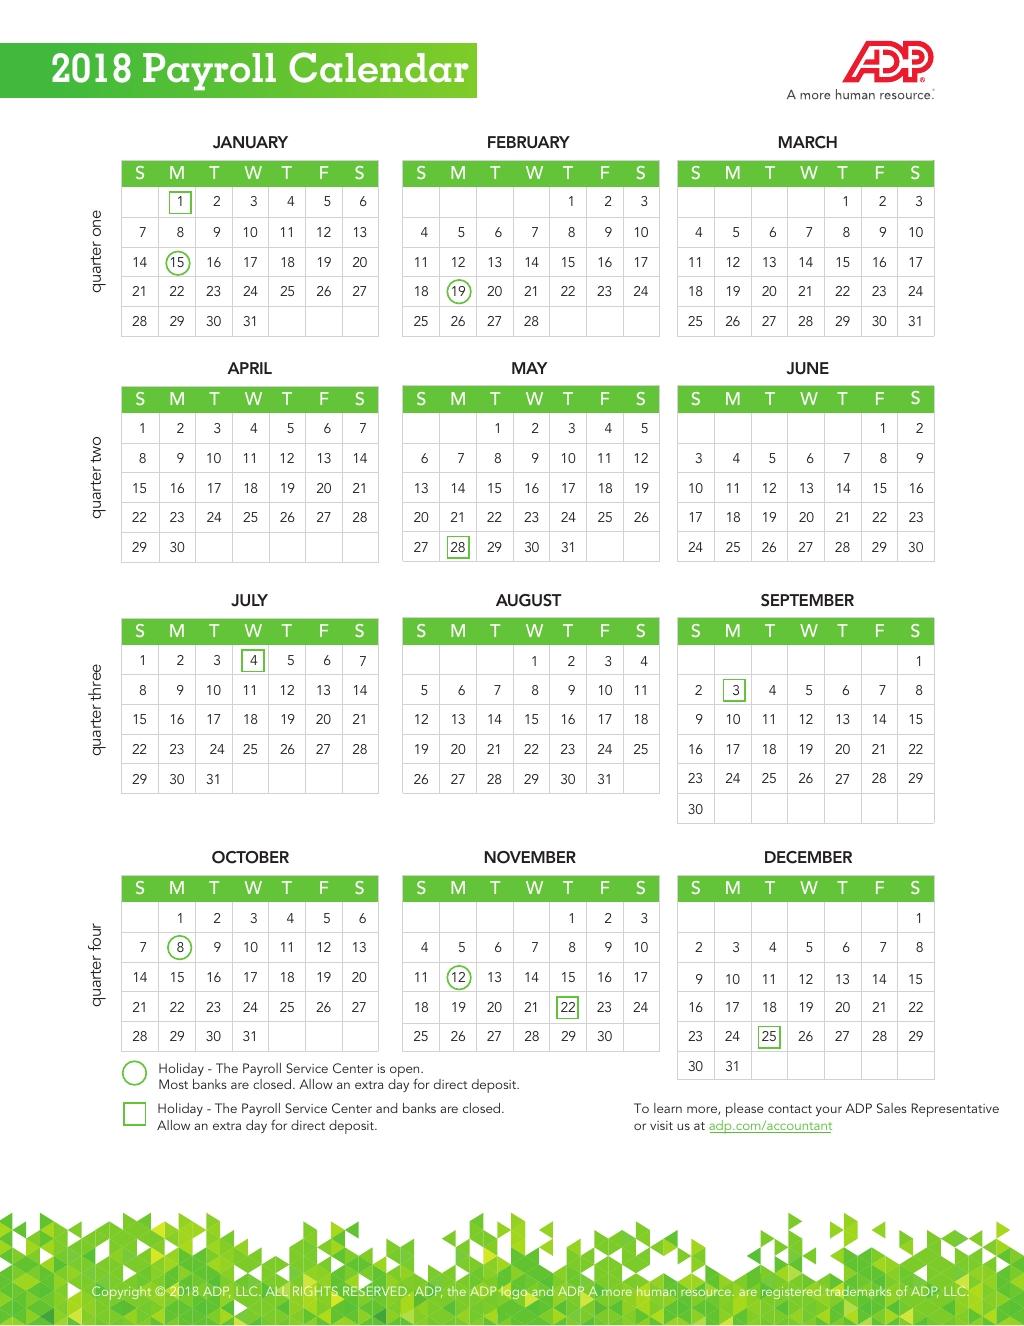 Adp 2021 Payroll Calendar | Payroll Calendar 2020